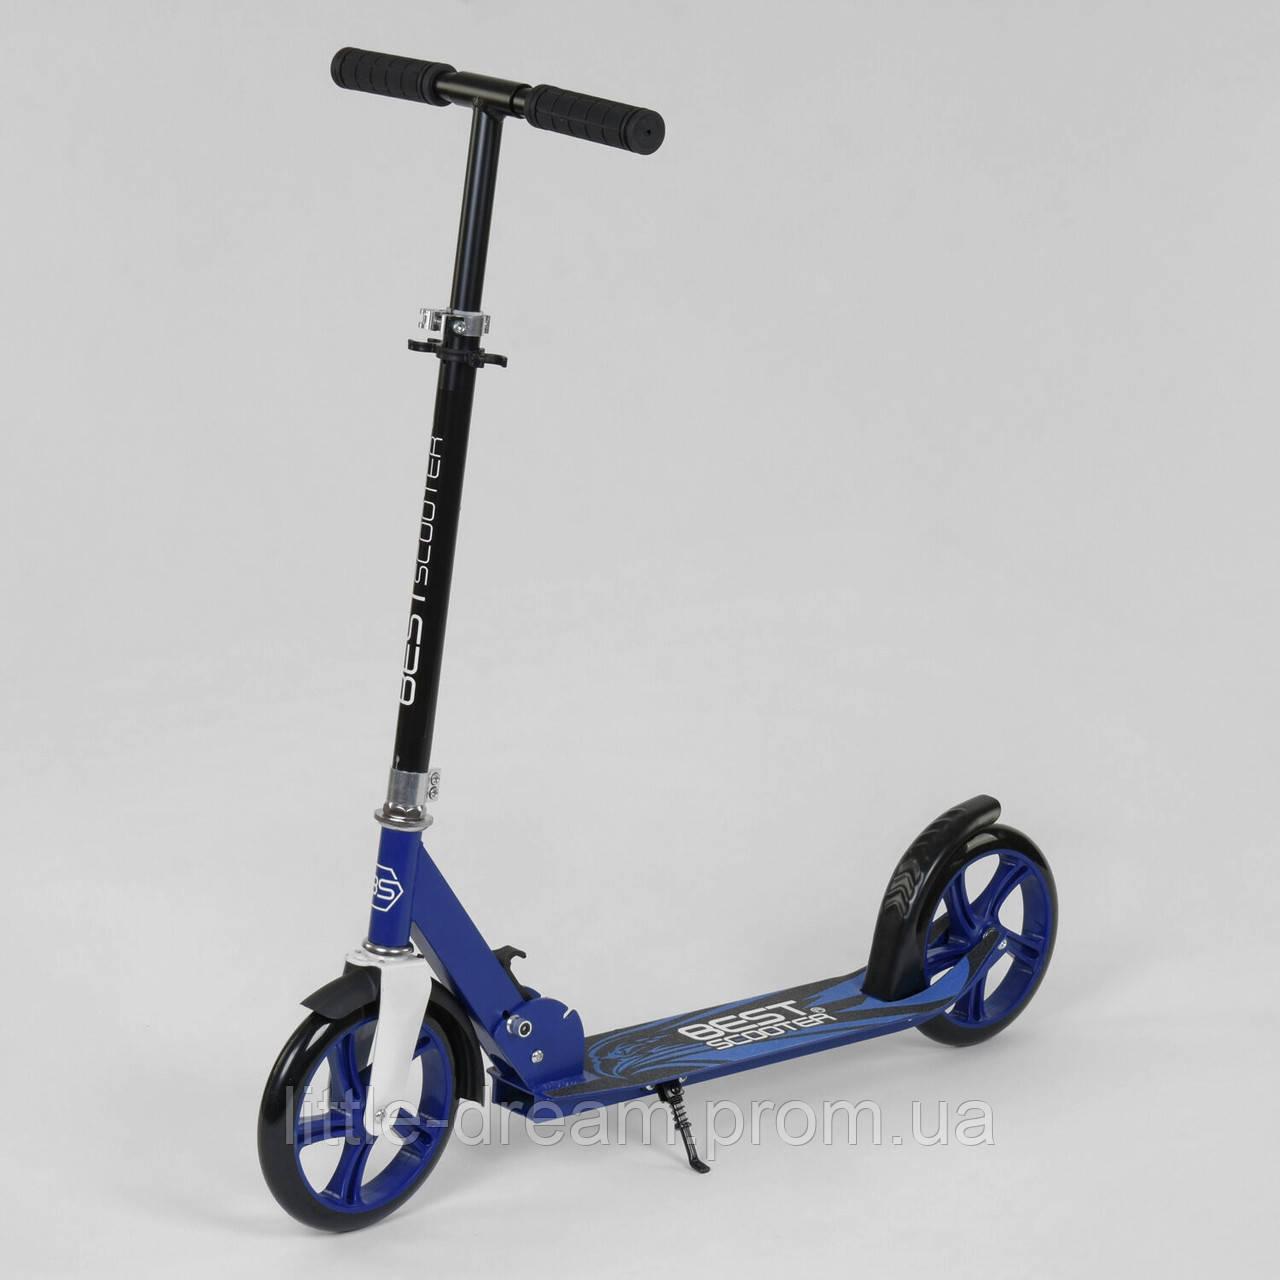 Самокат двухколесный Best Scooter 27739 Синий